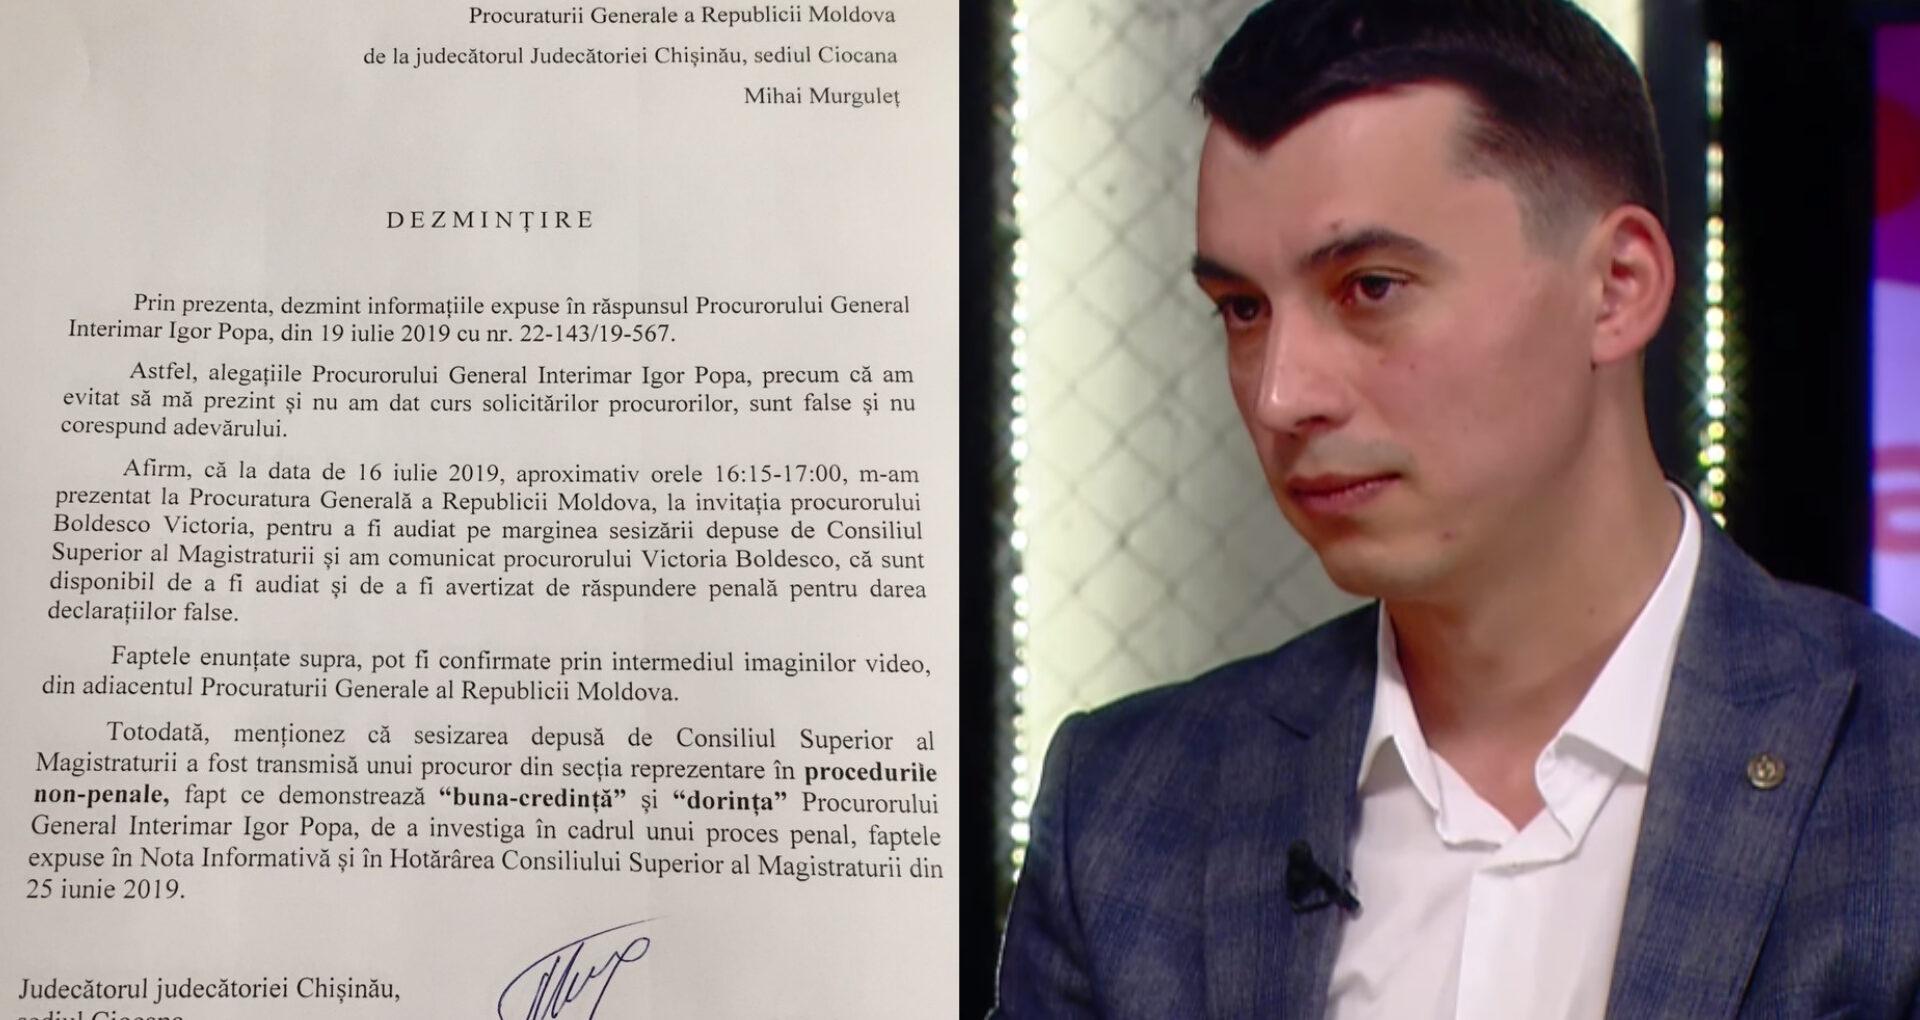 Judecătorul Murguleț dezminte declarațiile procurorului general interimar și oferă detalii despre vizita la PG